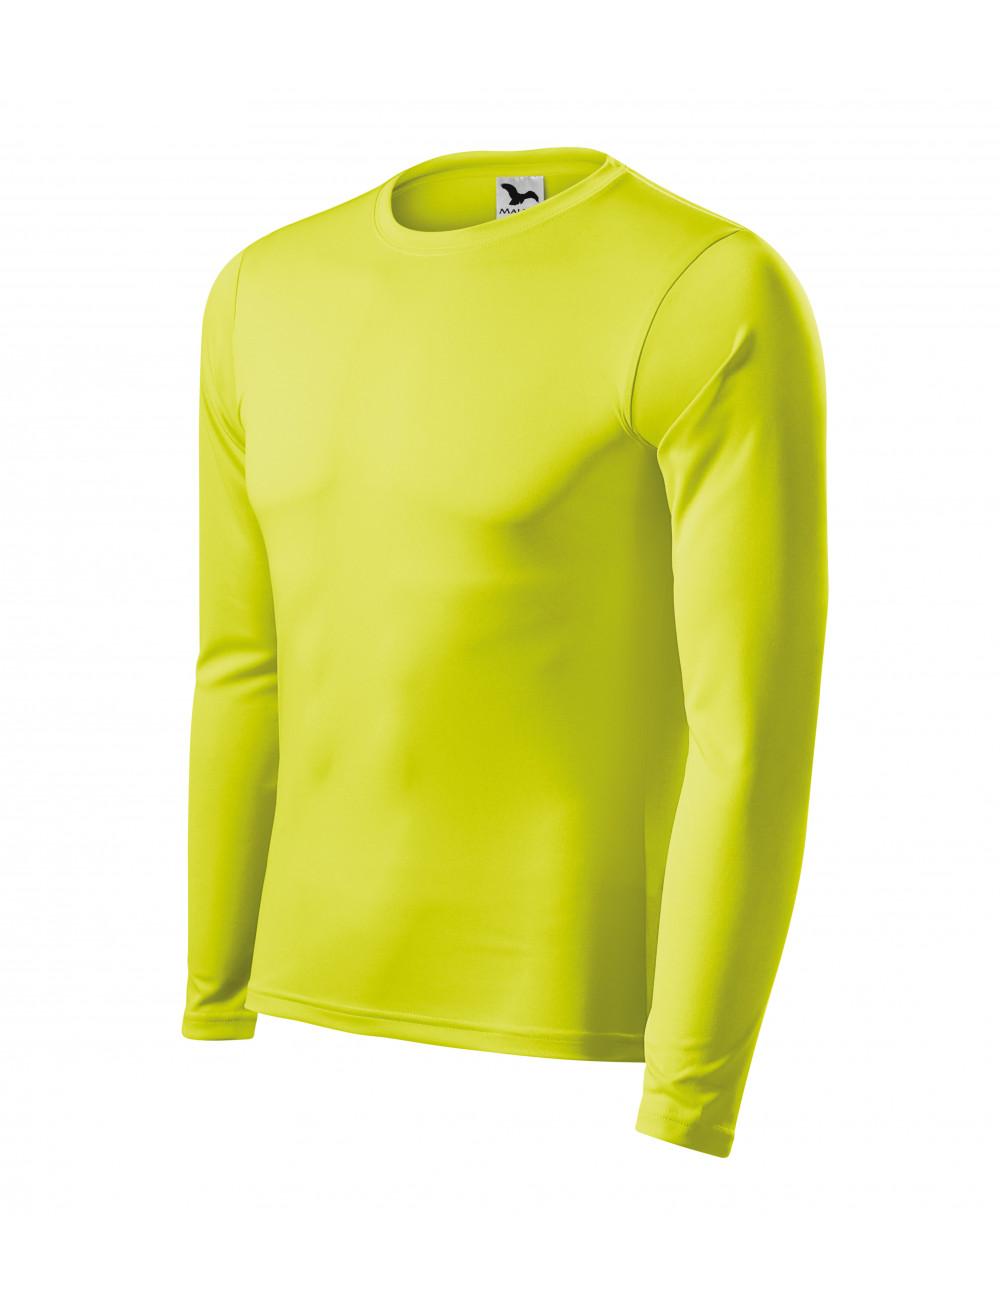 Adler MALFINI Koszulka unisex Pride 168 neon yellow